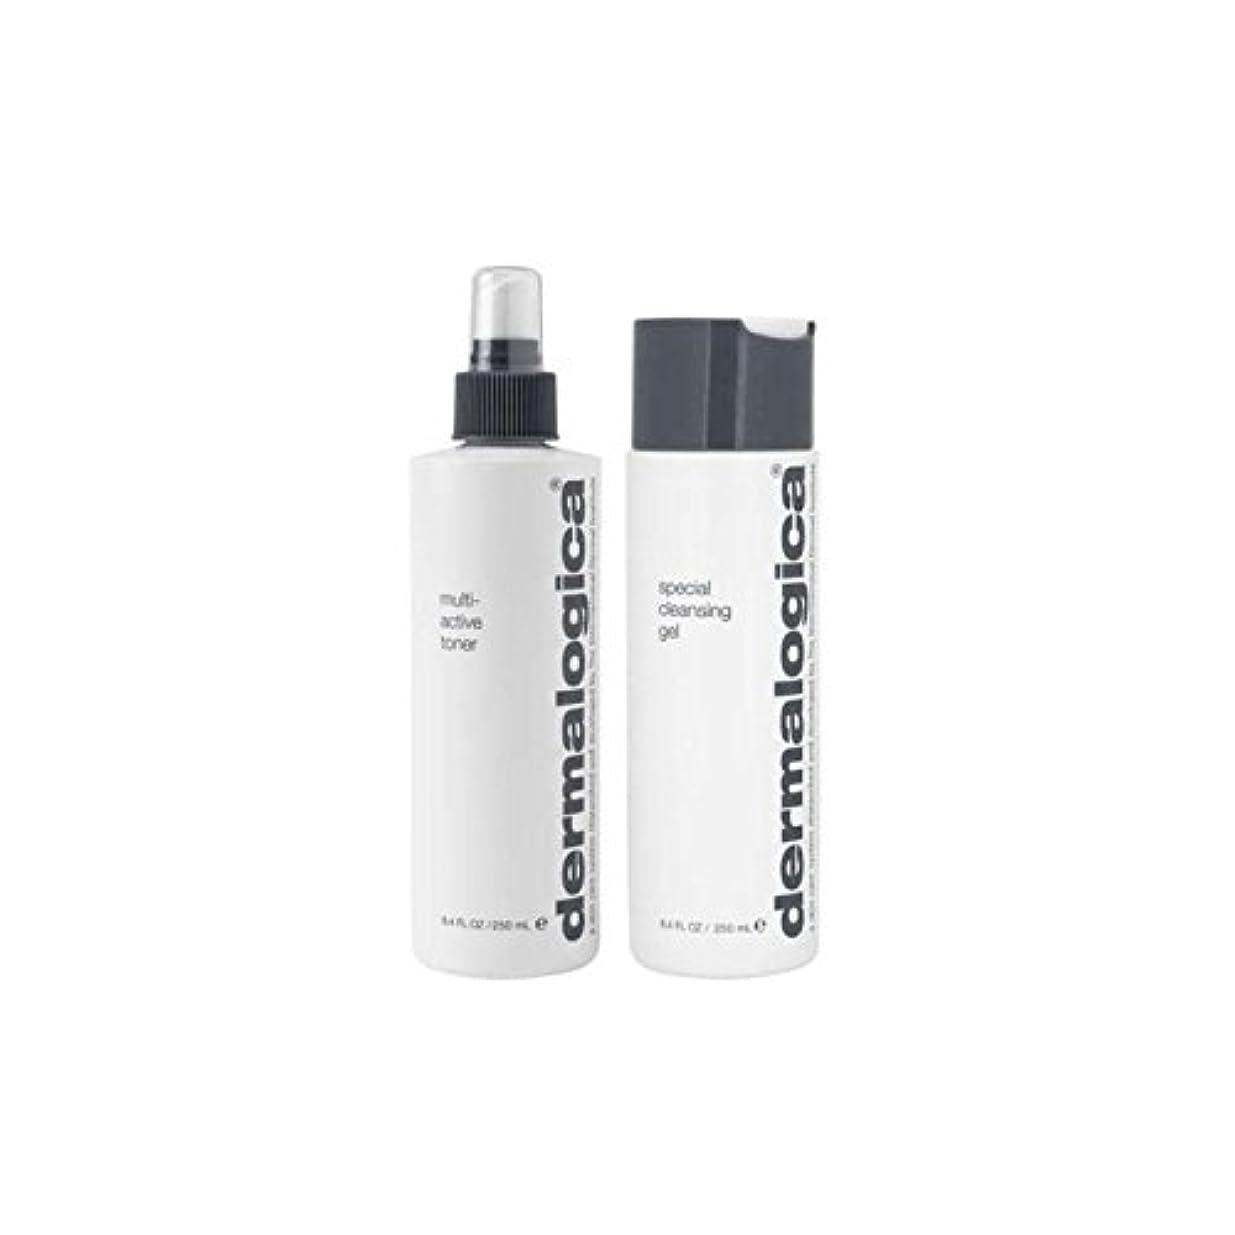 ダーマロジカクレンジング&トーンデュオ - ノーマル/ドライスキン(2製品) x2 - Dermalogica Cleanse & Tone Duo - Normal/Dry Skin (2 Products) (Pack of 2) [並行輸入品]